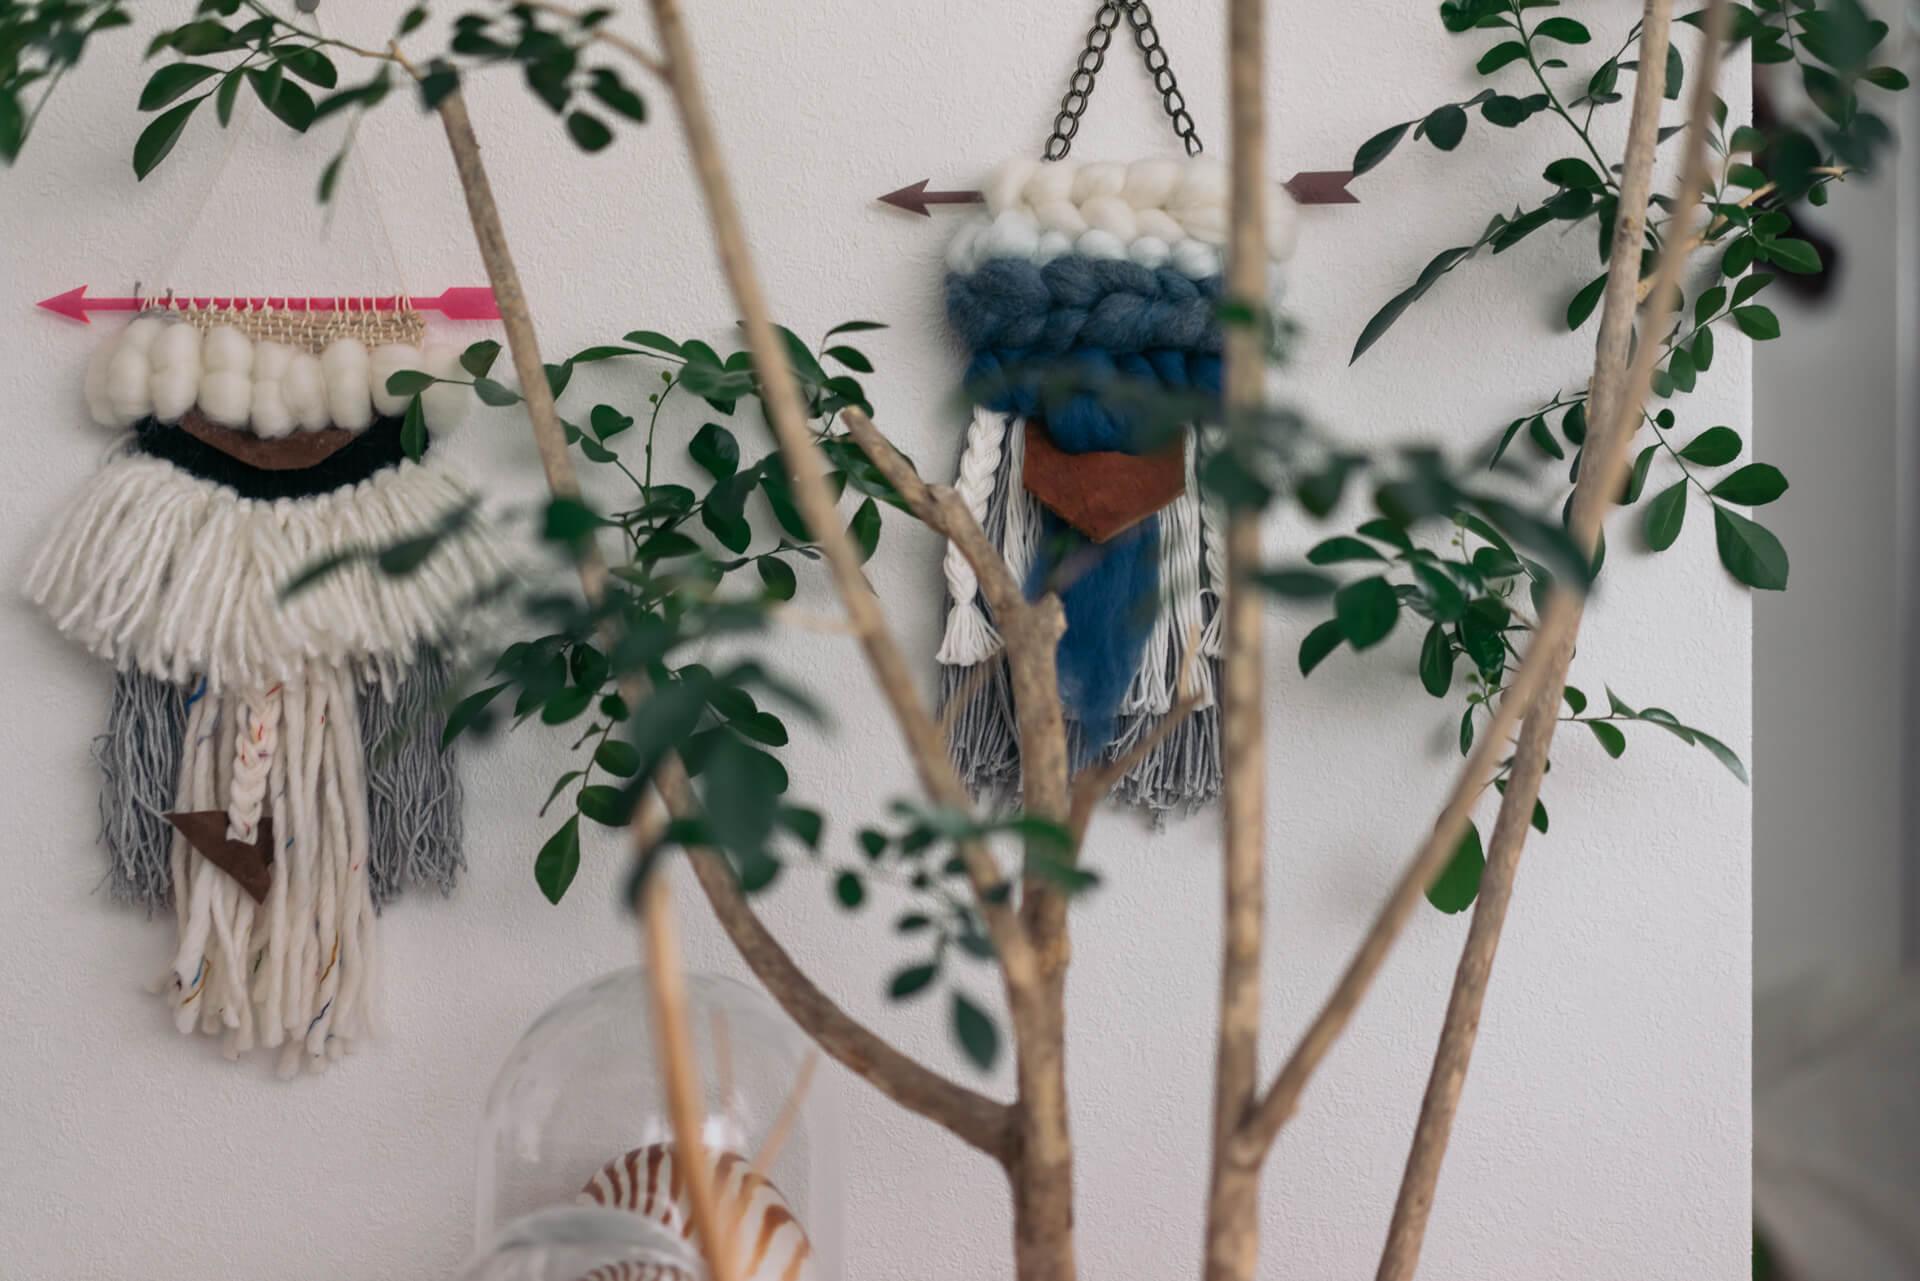 いろいろな国の民芸品が好き、というKatsuraさん。部屋のあちこちに飾られているウォールハンギングは、じつはお手製。ウィービングという、手織りのタペストリーです。